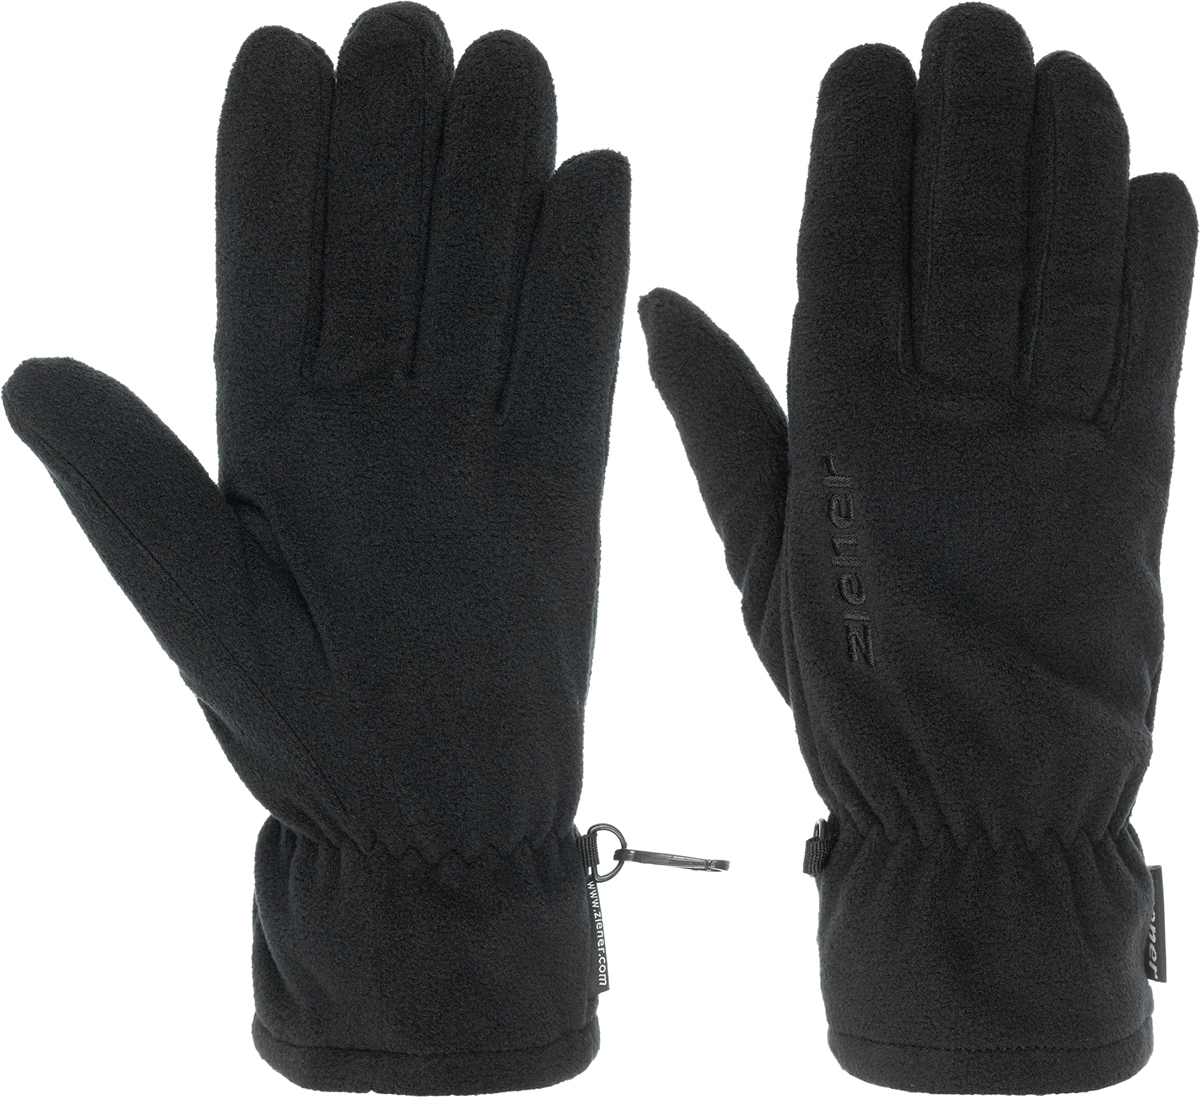 Перчатки Ziener Ibro Glove Multisport, цвет: черный. 170027-12. Размер L (9,5)170027-12